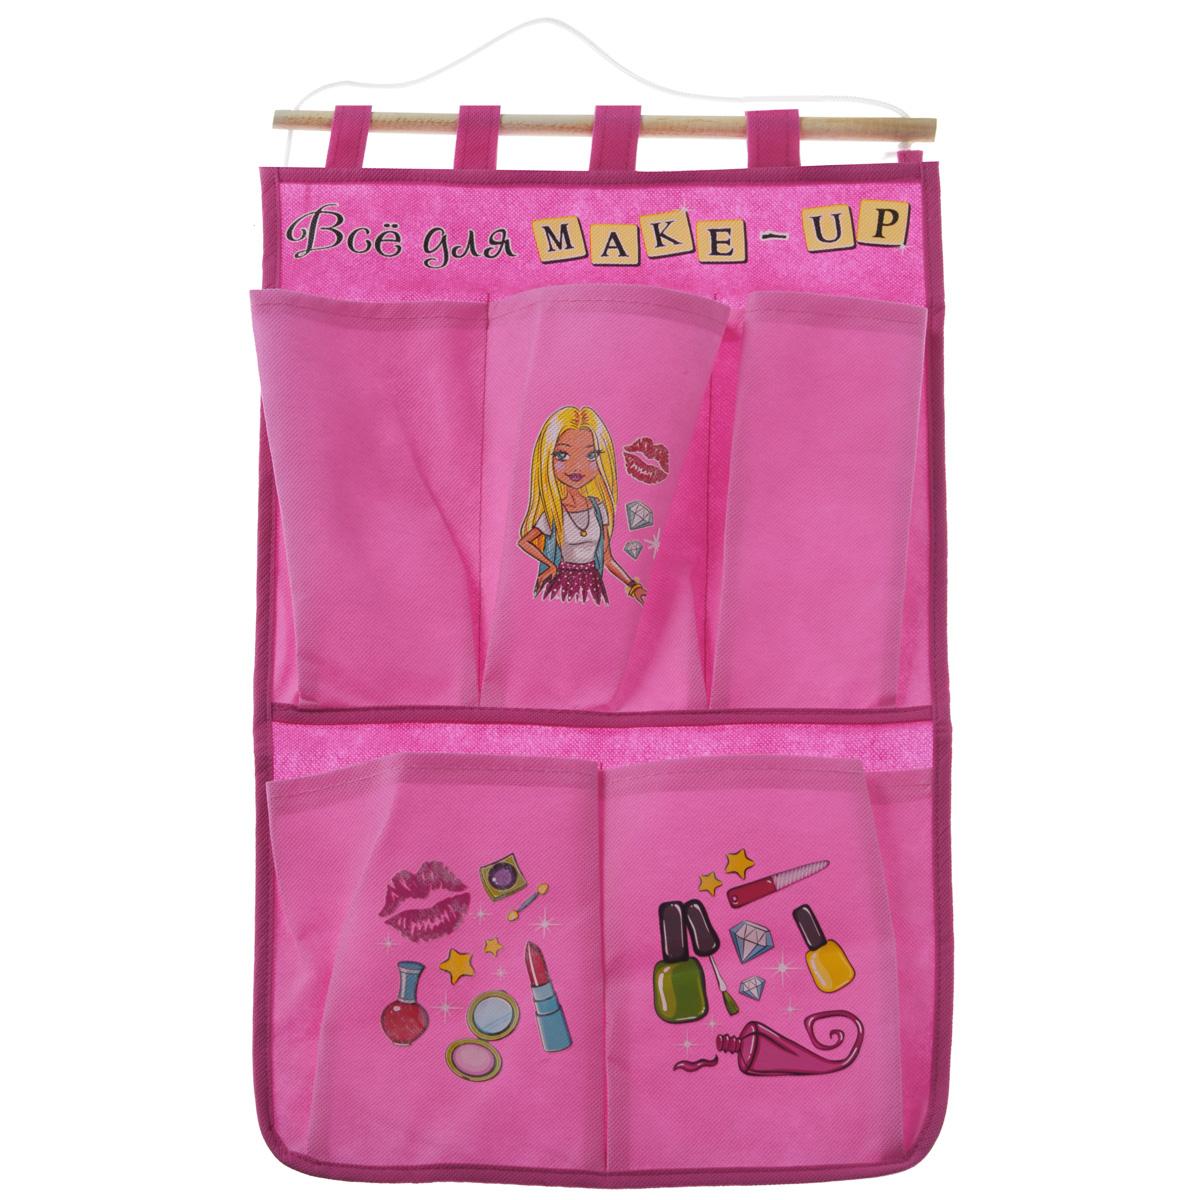 Кармашки на стену Sima-land Все для make-up, цвет: розовый, 5 шт906885Кармашки на стену Sima-land Все для make-up, изготовленные из текстиля, предназначены для хранения необходимых вещей, множества мелочей в гардеробной, ванной, детской комнатах. Изделие представляет собой текстильное полотно с 5 пришитыми кармашками. Благодаря деревянной планке и шнурку, кармашки можно подвесить на стену или дверь в необходимом для вас месте.Кармашки декорированы изображением девушки и различной косметики.Этот нужный предмет может стать одновременно и декоративным элементом комнаты. Яркий дизайн, как ничто иное, способен оживить интерьер вашего дома.